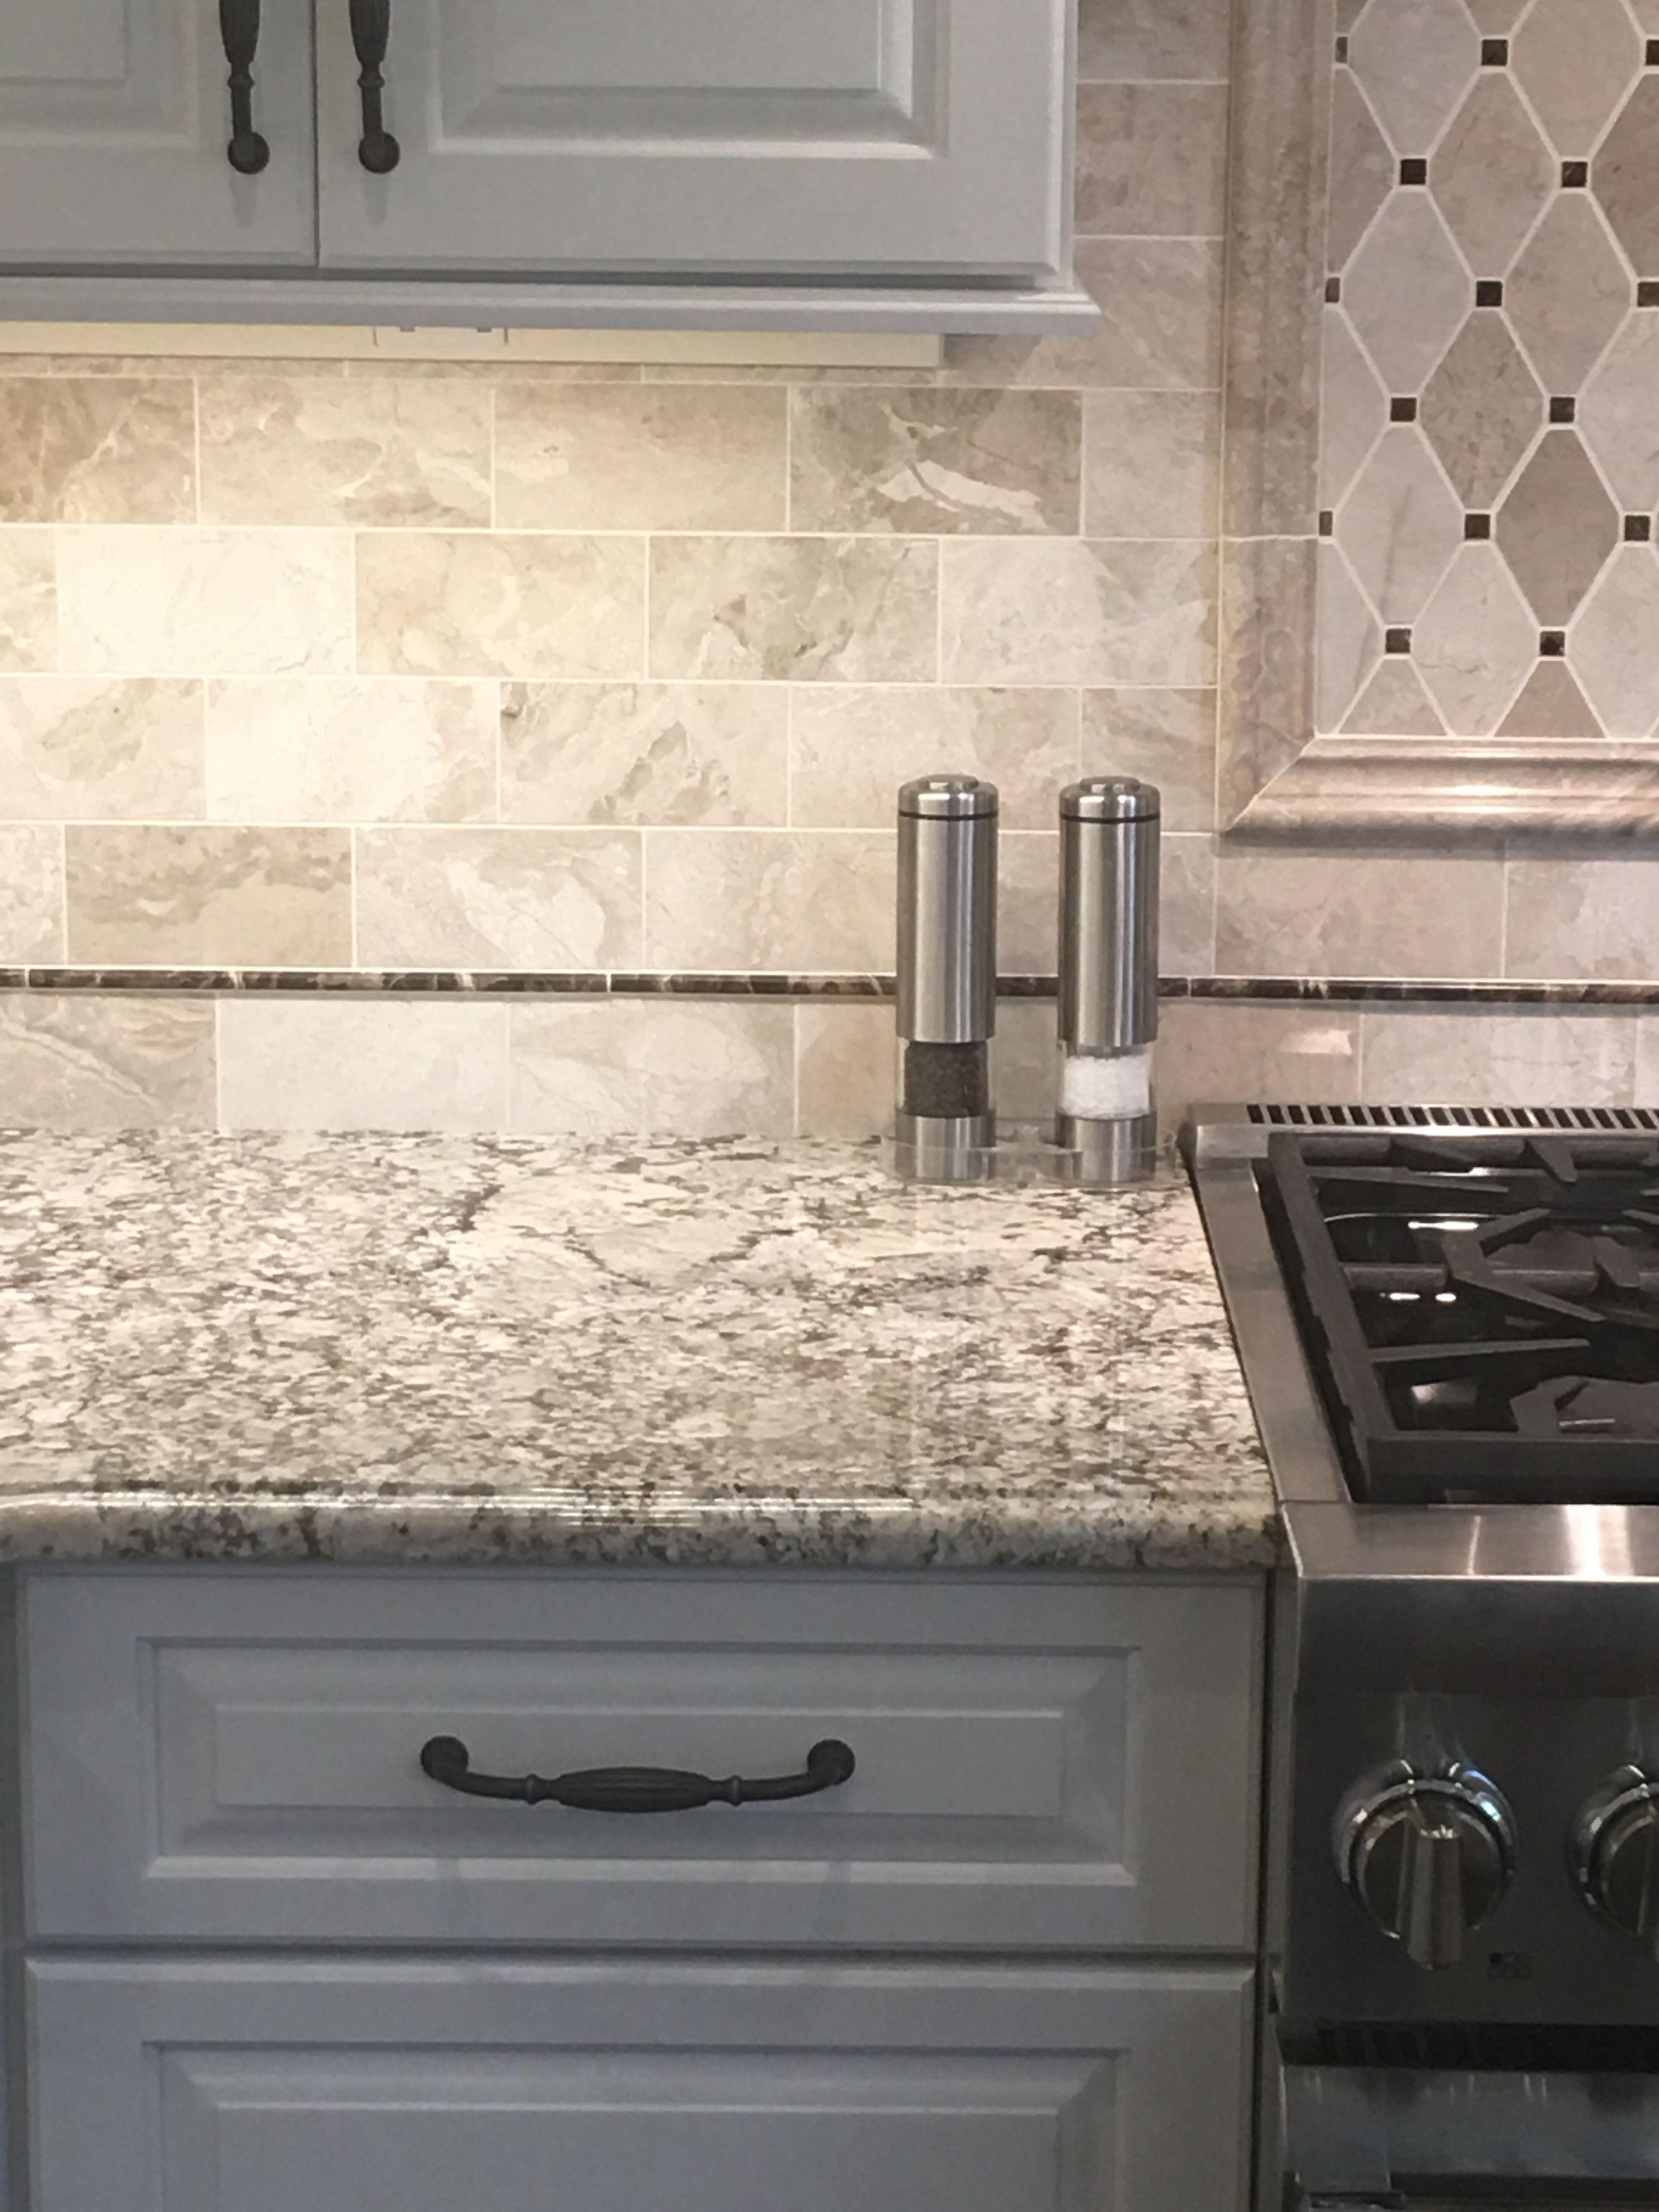 Backsplash Queen Beige Marble Subway Tile With White Zanzibar